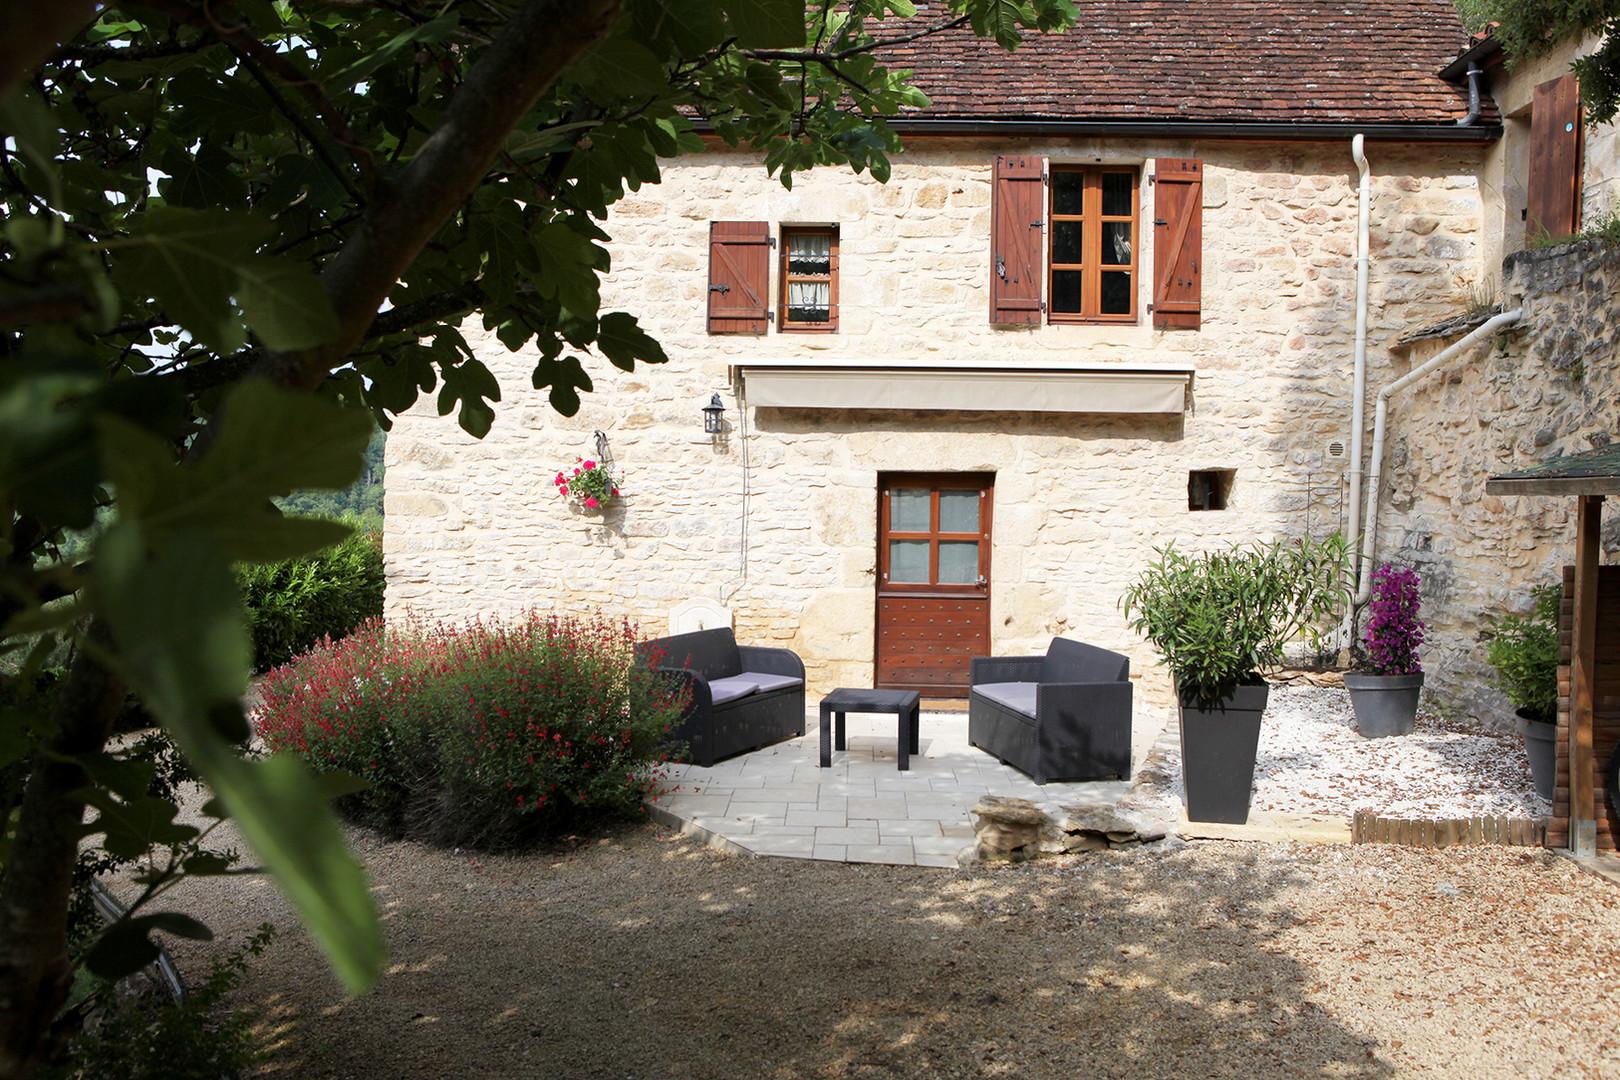 maison-hotes-de-charme-suite-terrasse-privative-la-roque-gageac-sarlat.jpg